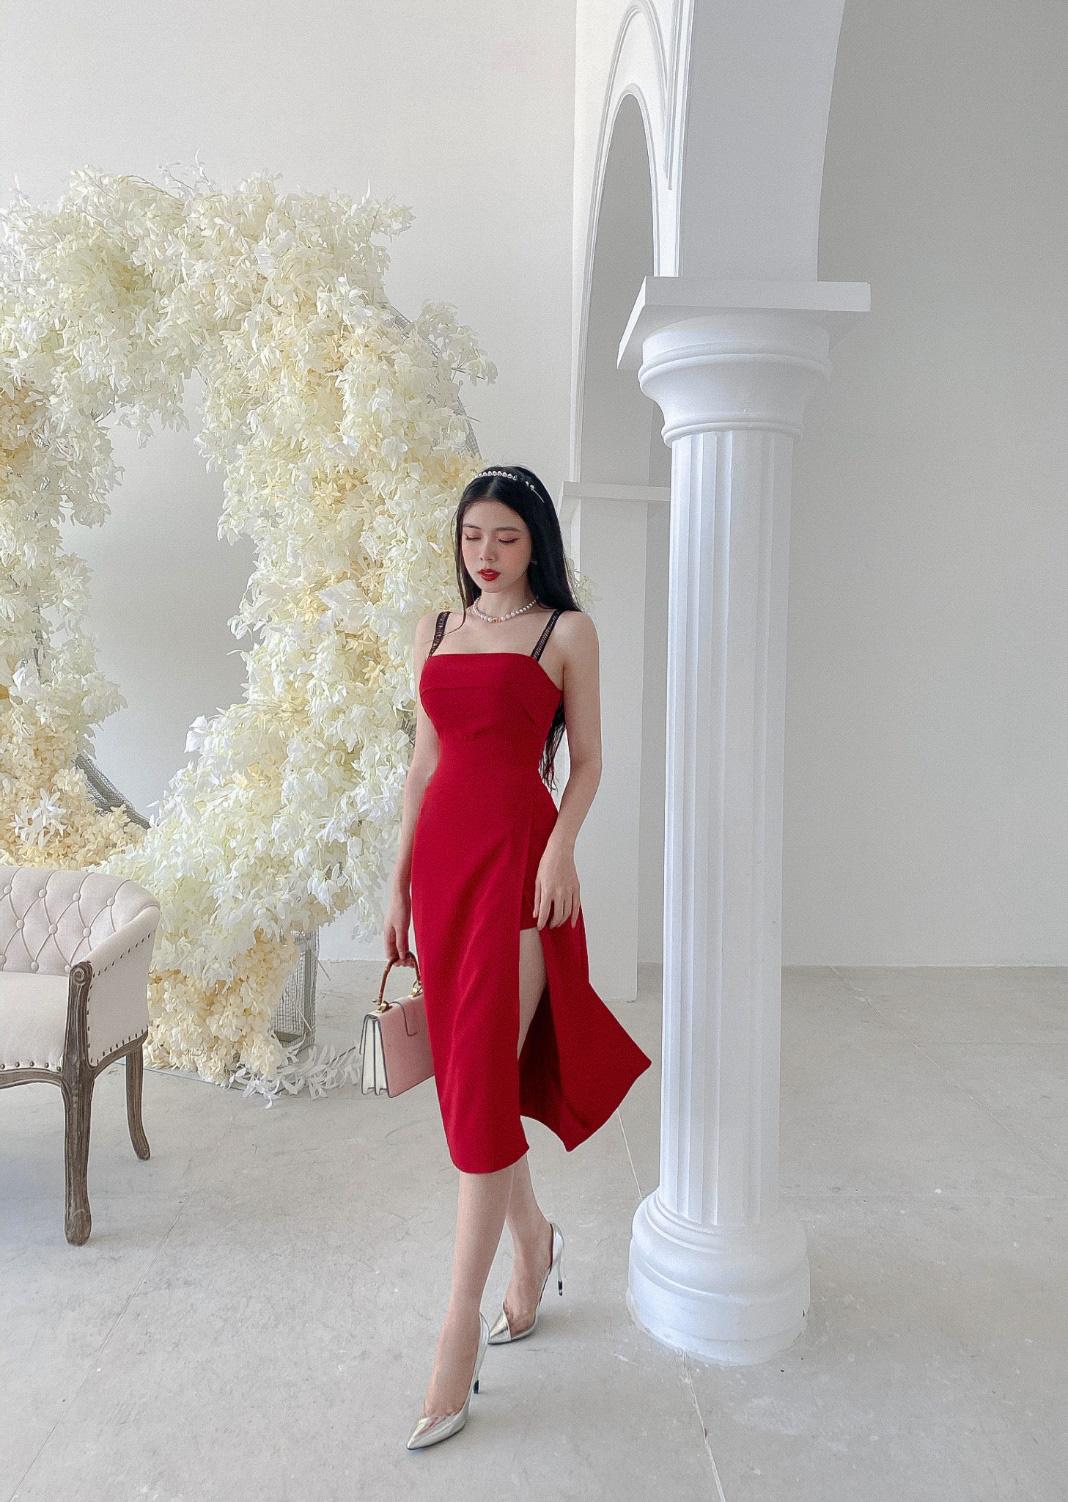 Gợi ý 8 mẫu váy đỏ đẹp cực phẩm, biến nàng trở thành tiêu điểm từ tiệc tất niên cho tới buổi du xuân đầu năm - Ảnh 1.